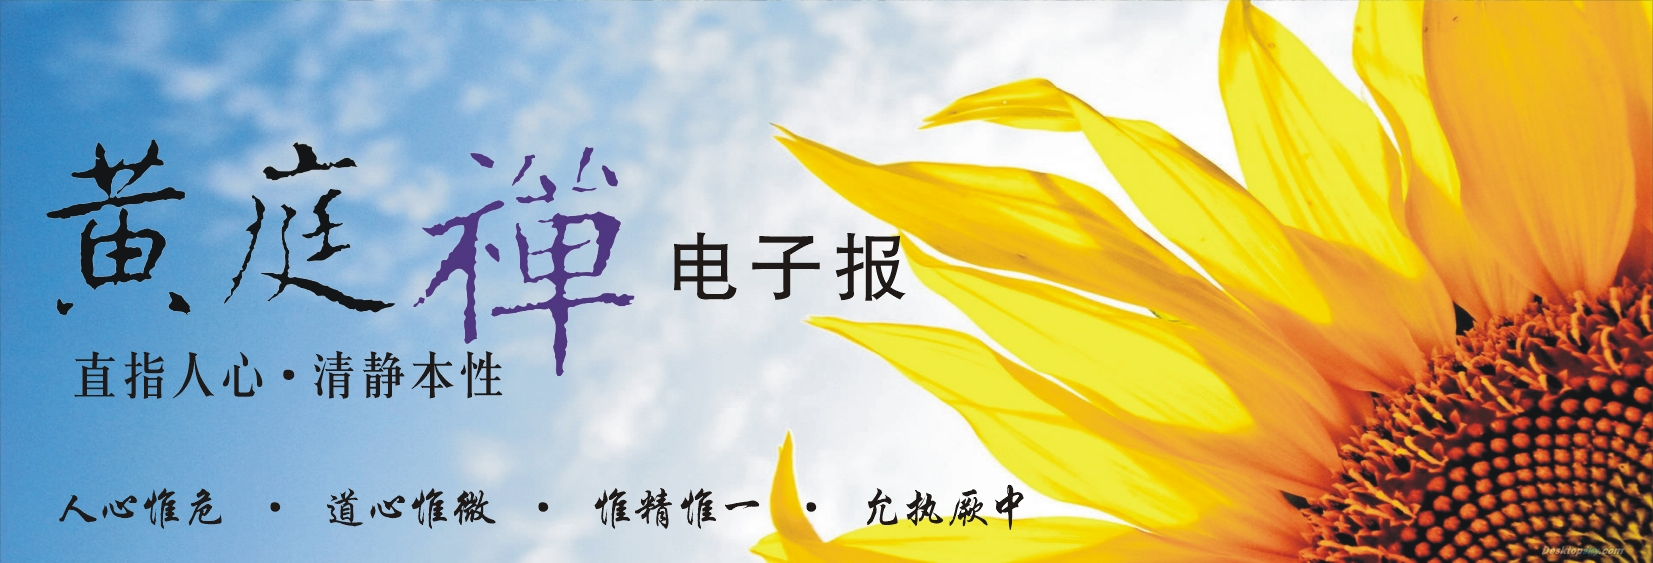 中华黄庭禅学会2020.07.11电子报